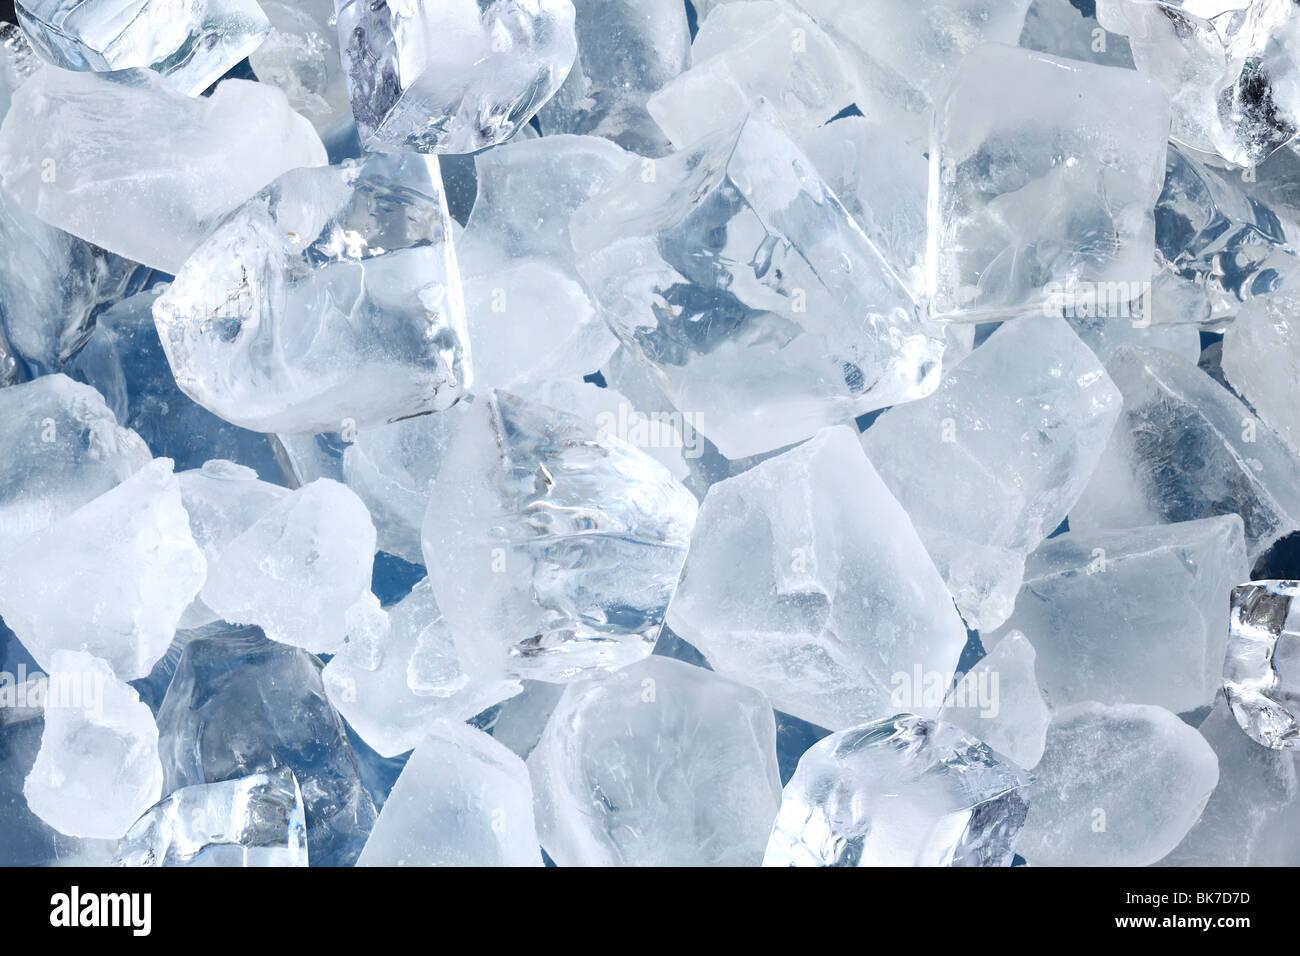 Sfondo in forma di cubetti di ghiaccio Immagini Stock